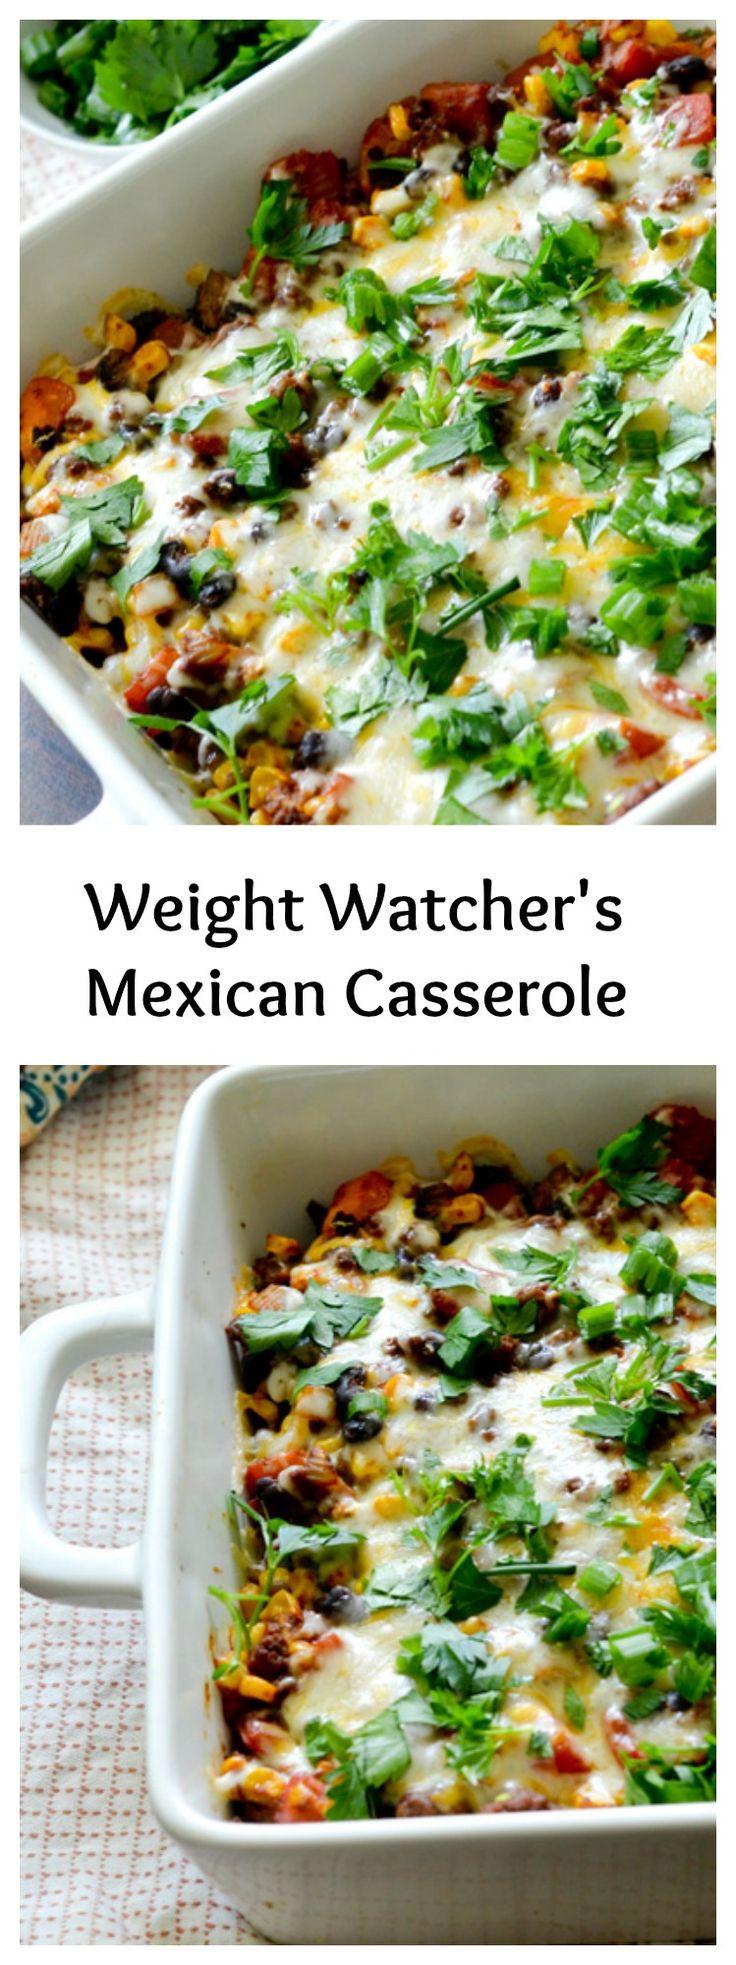 Healthy Casseroles With Ground Beef  HEALTYFOOD Diet to lose weight Weight Watcher s